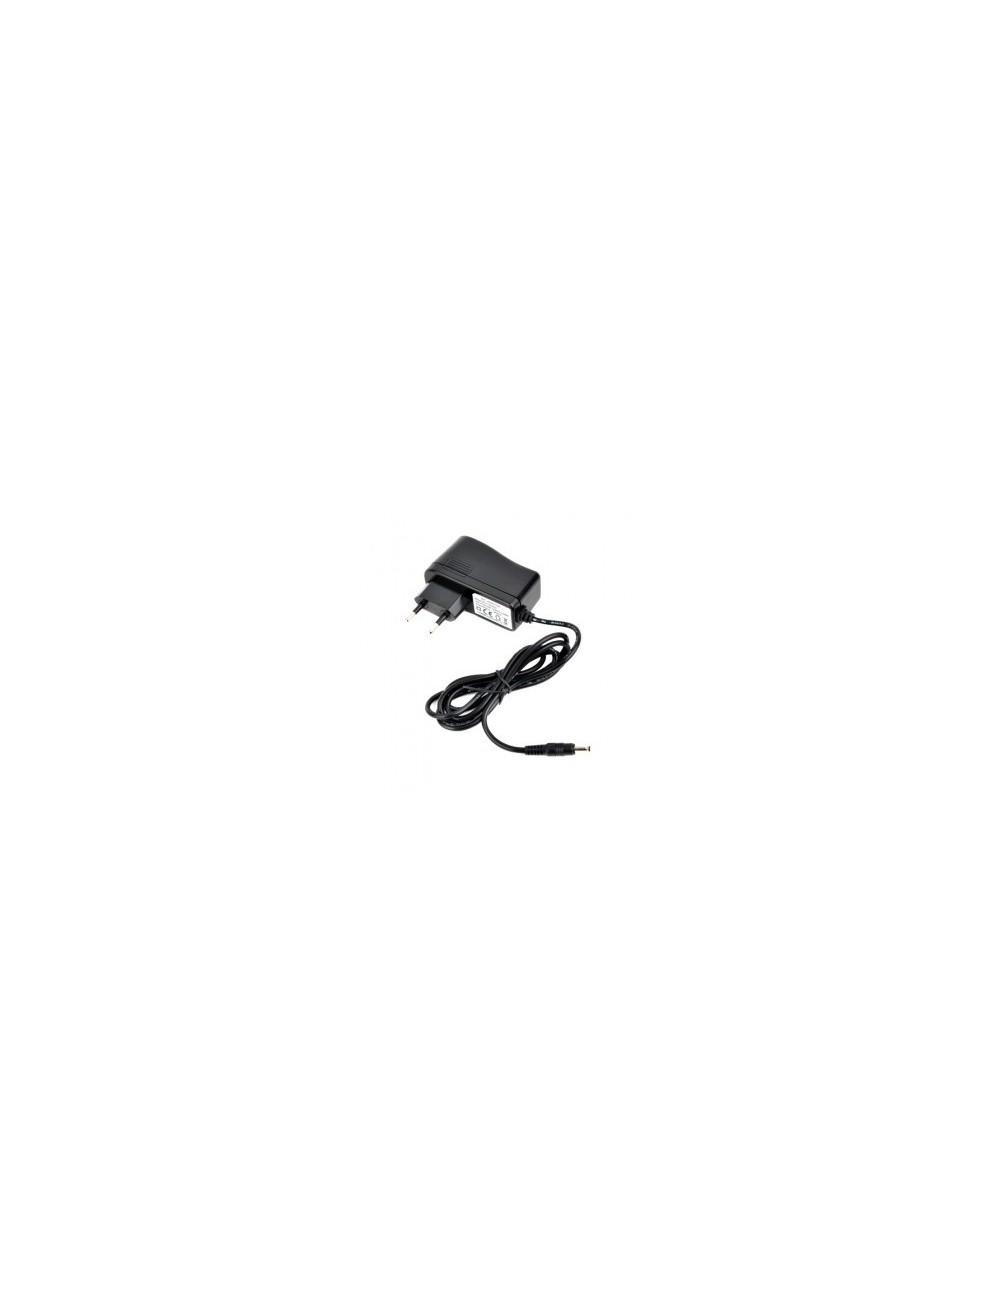 Power Adapter 12V